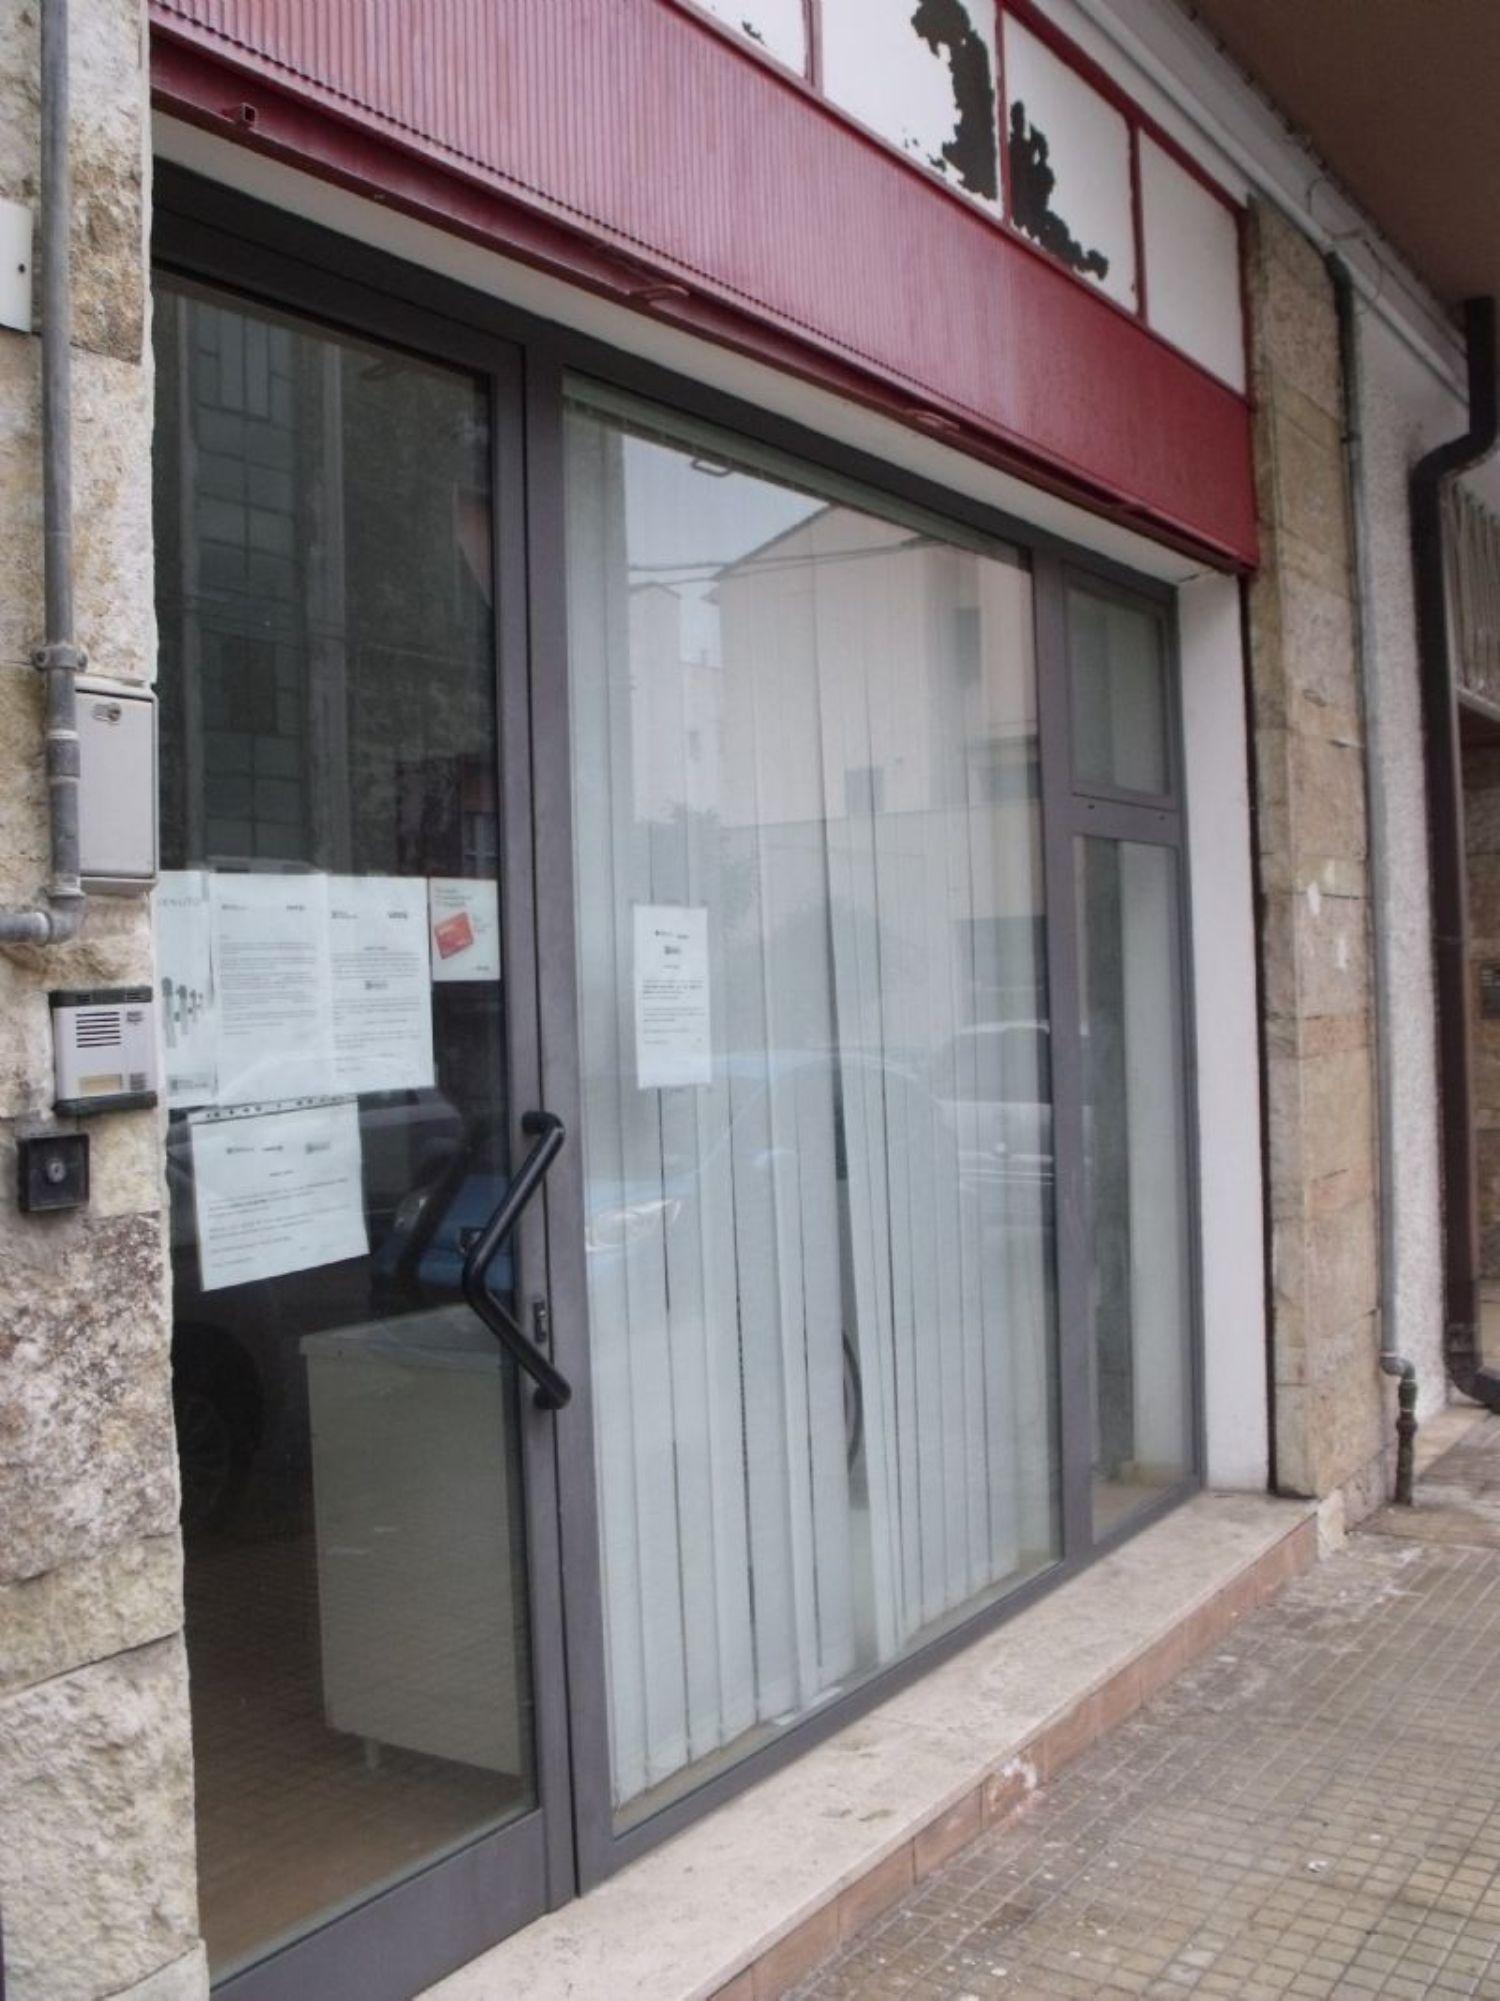 Immobile Commerciale in affitto a Ortona, 9999 locali, prezzo € 350 | CambioCasa.it